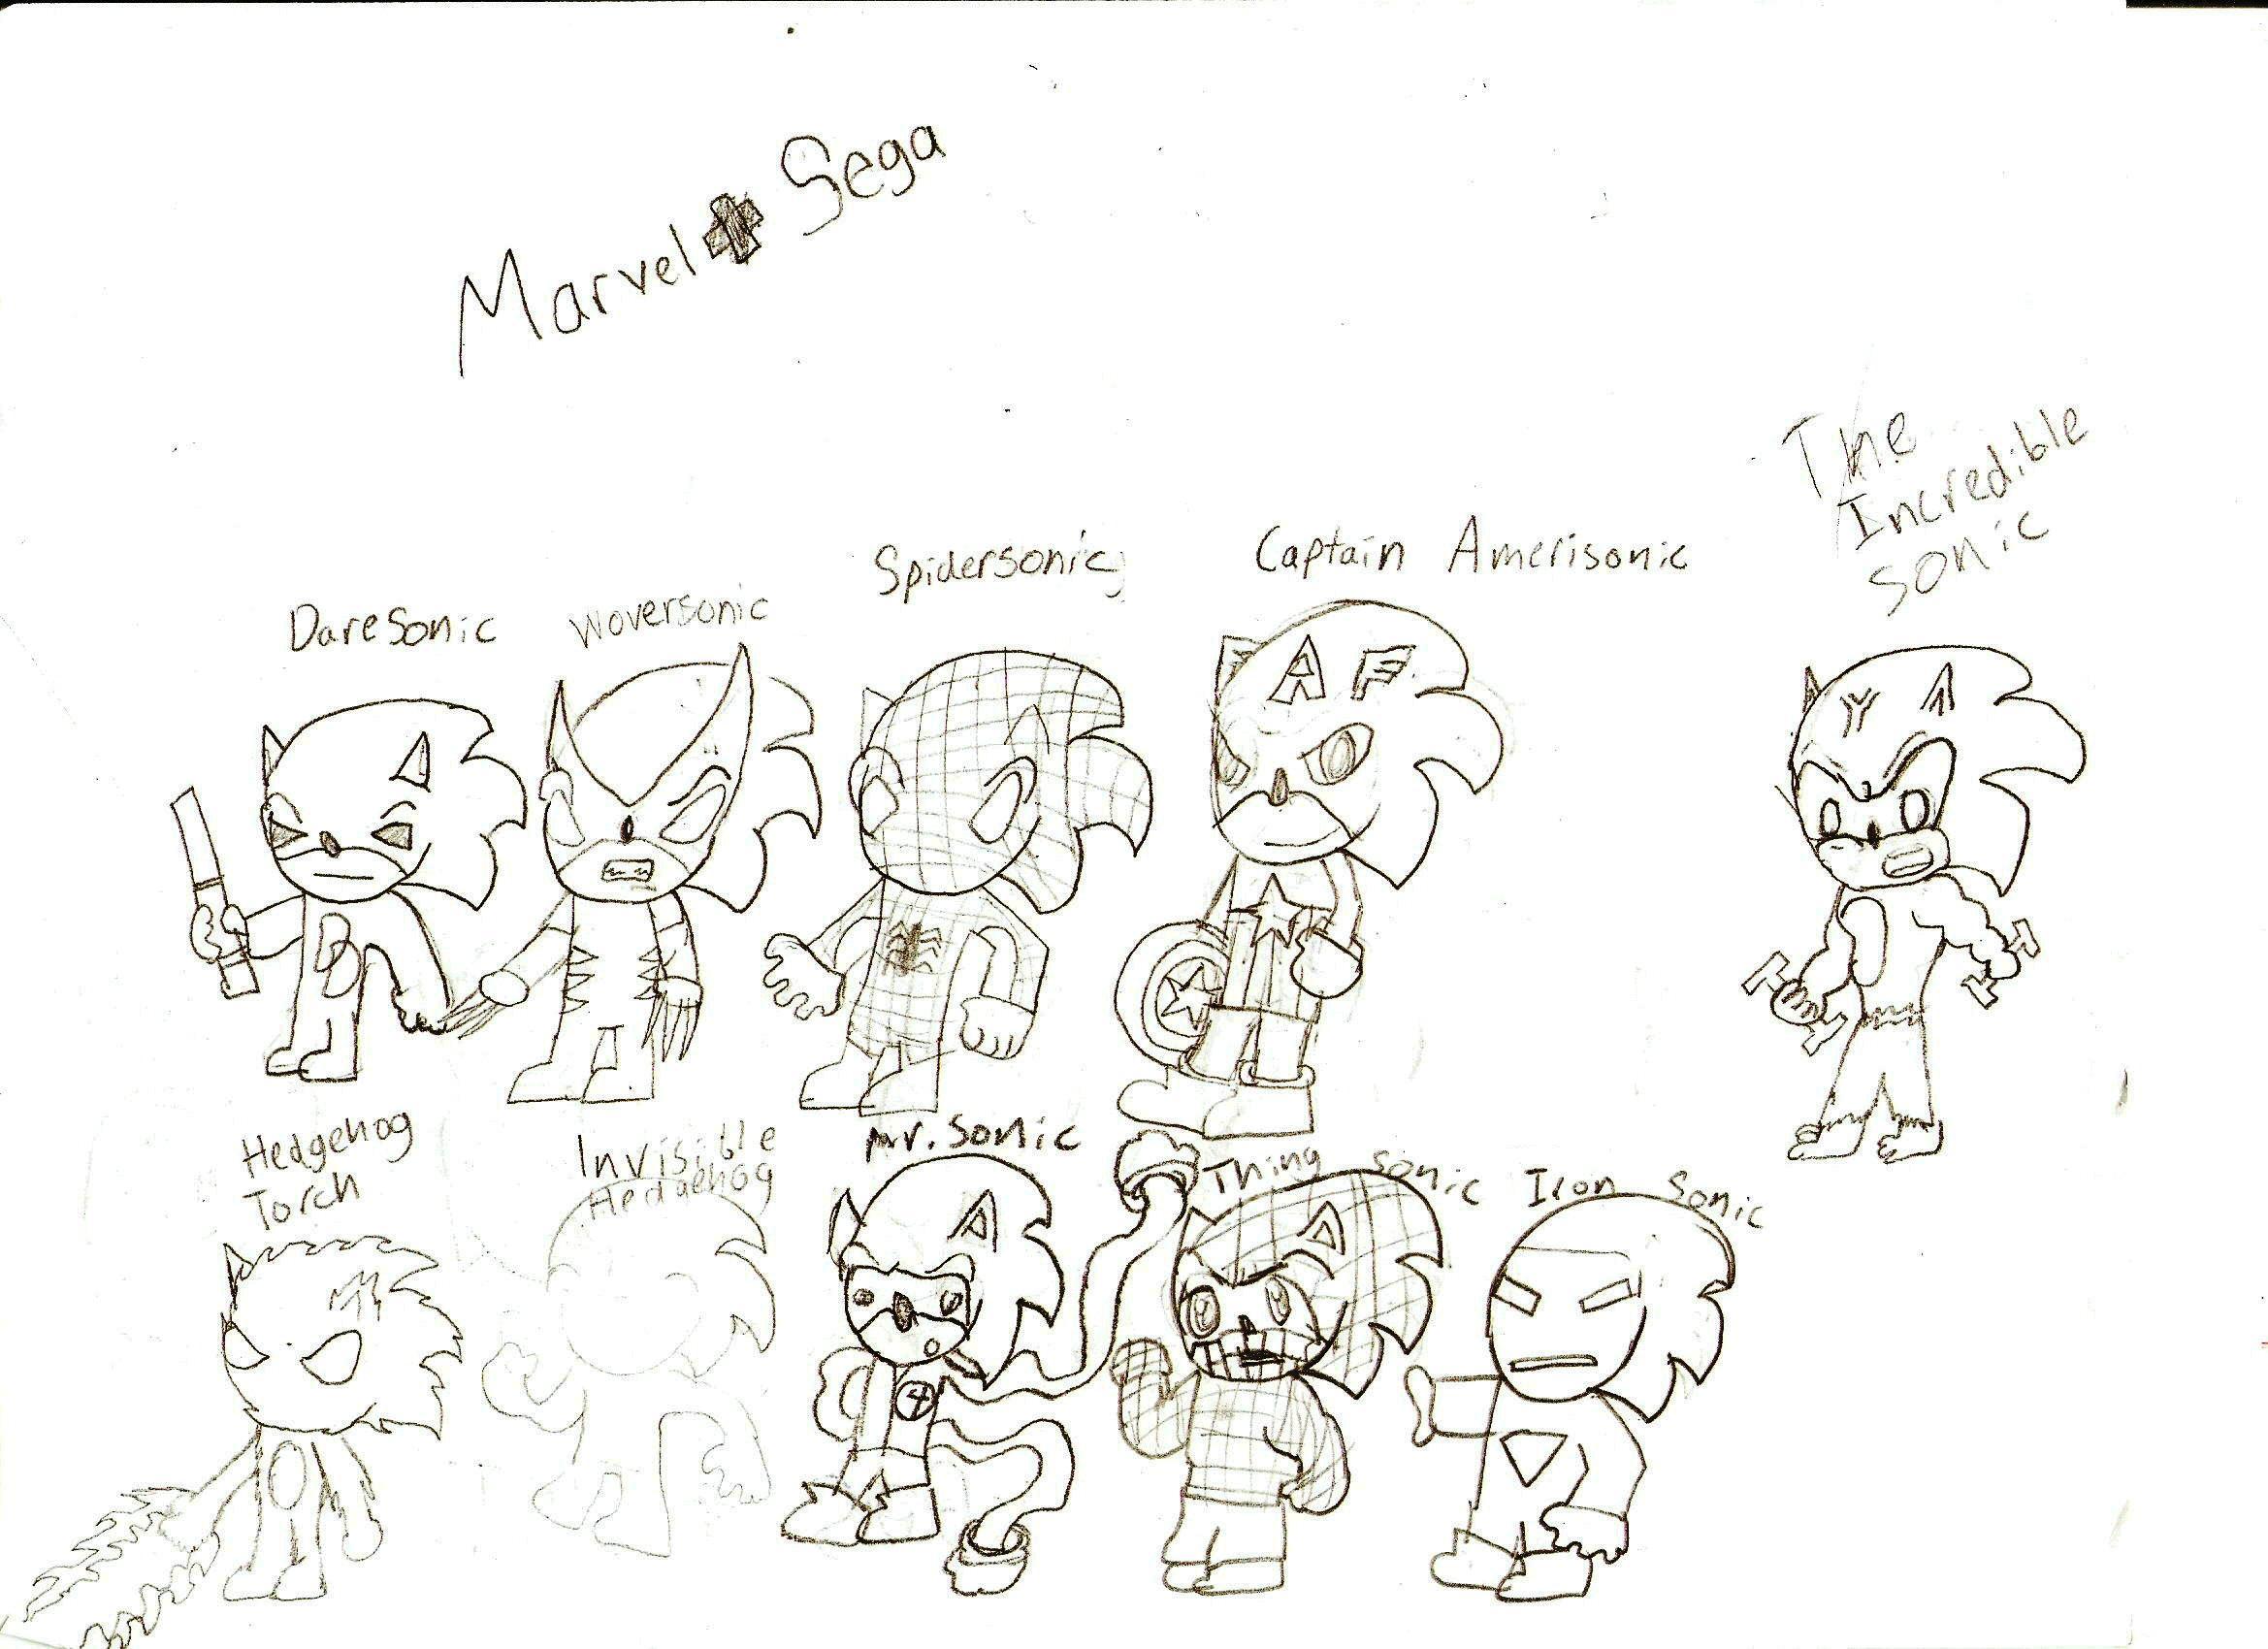 Marvel + Sega